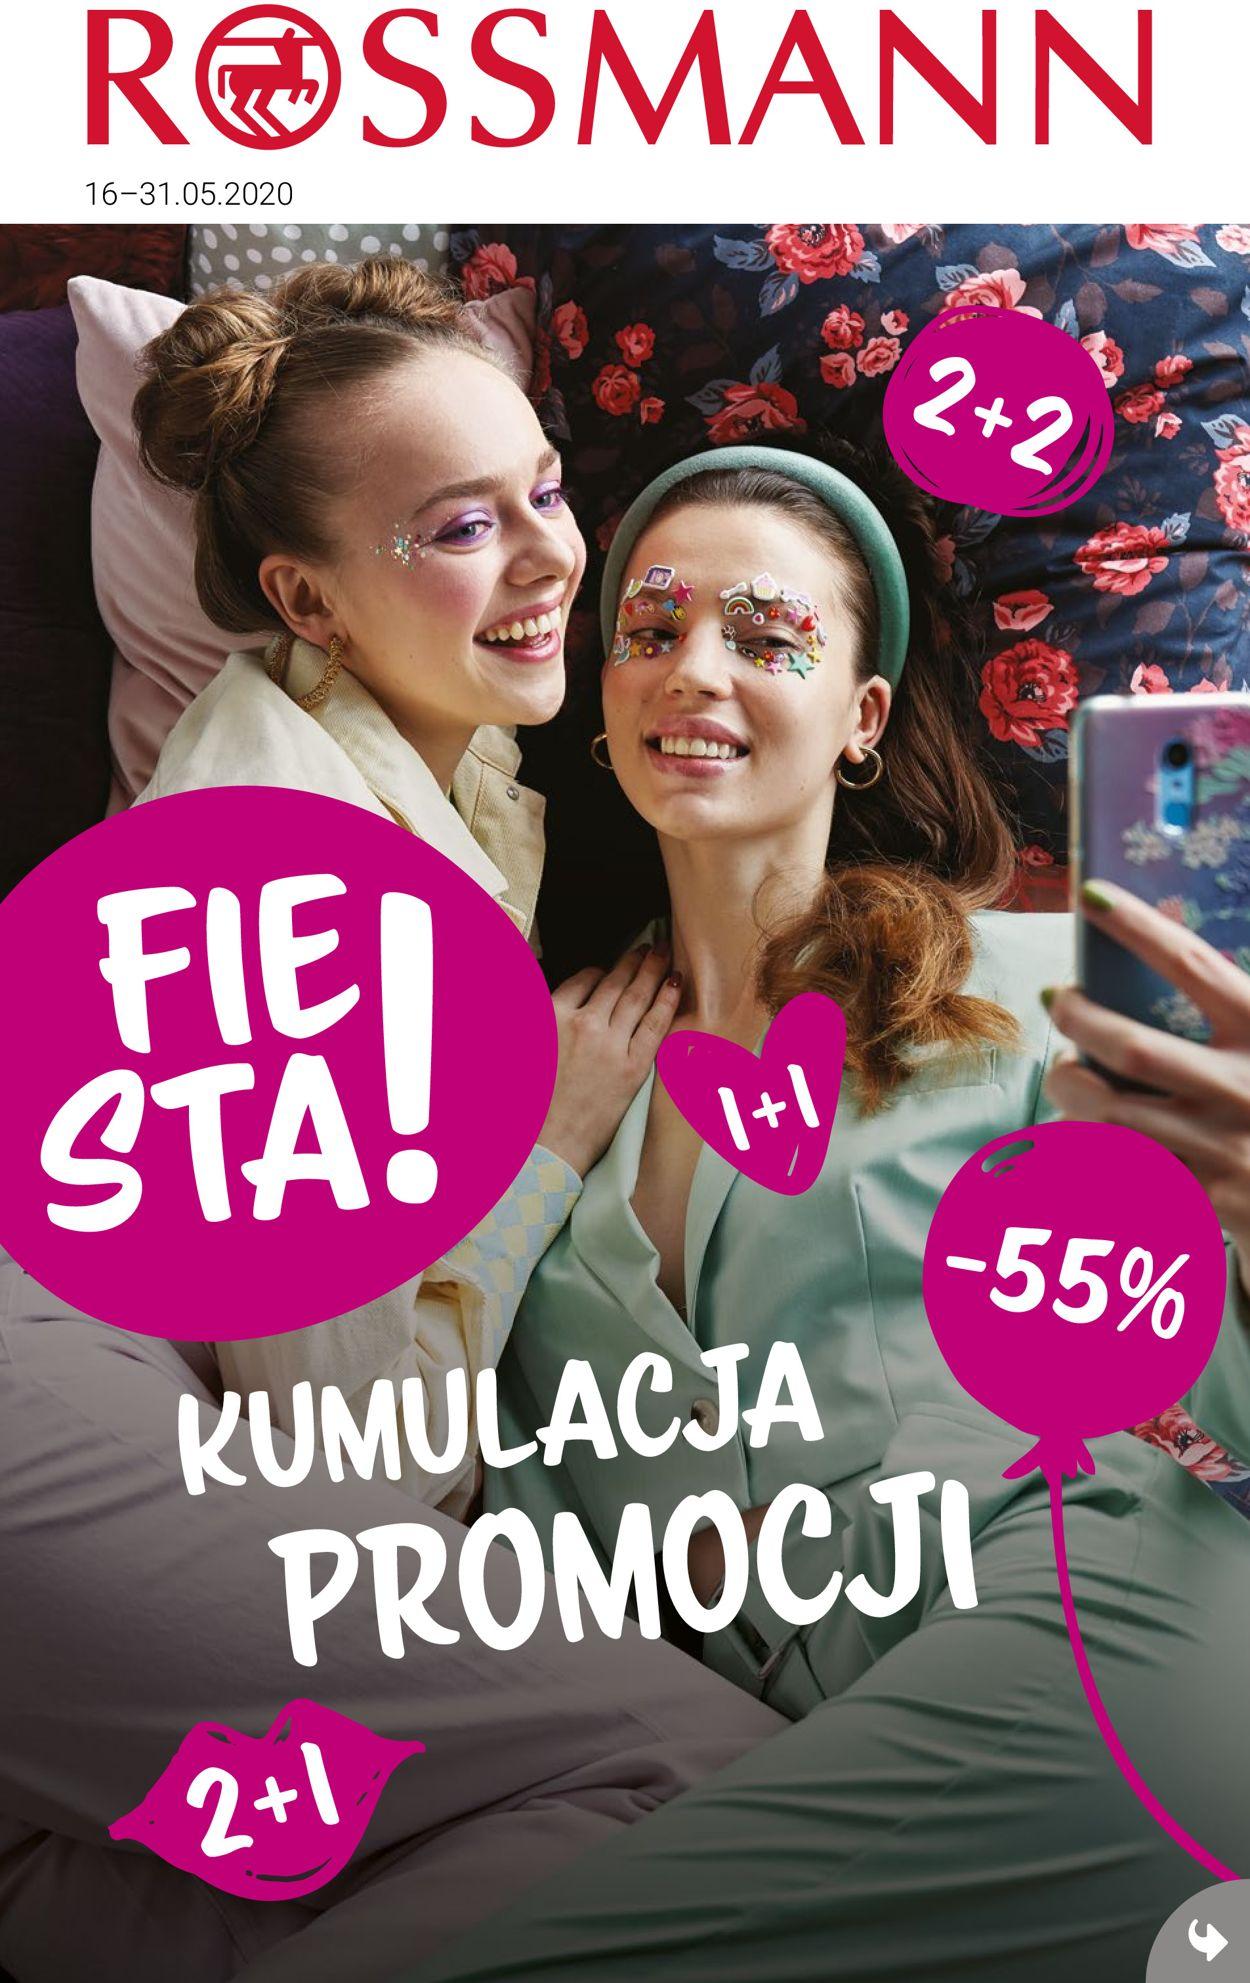 Gazetka promocyjna Rossmann - 16.05-31.05.2020